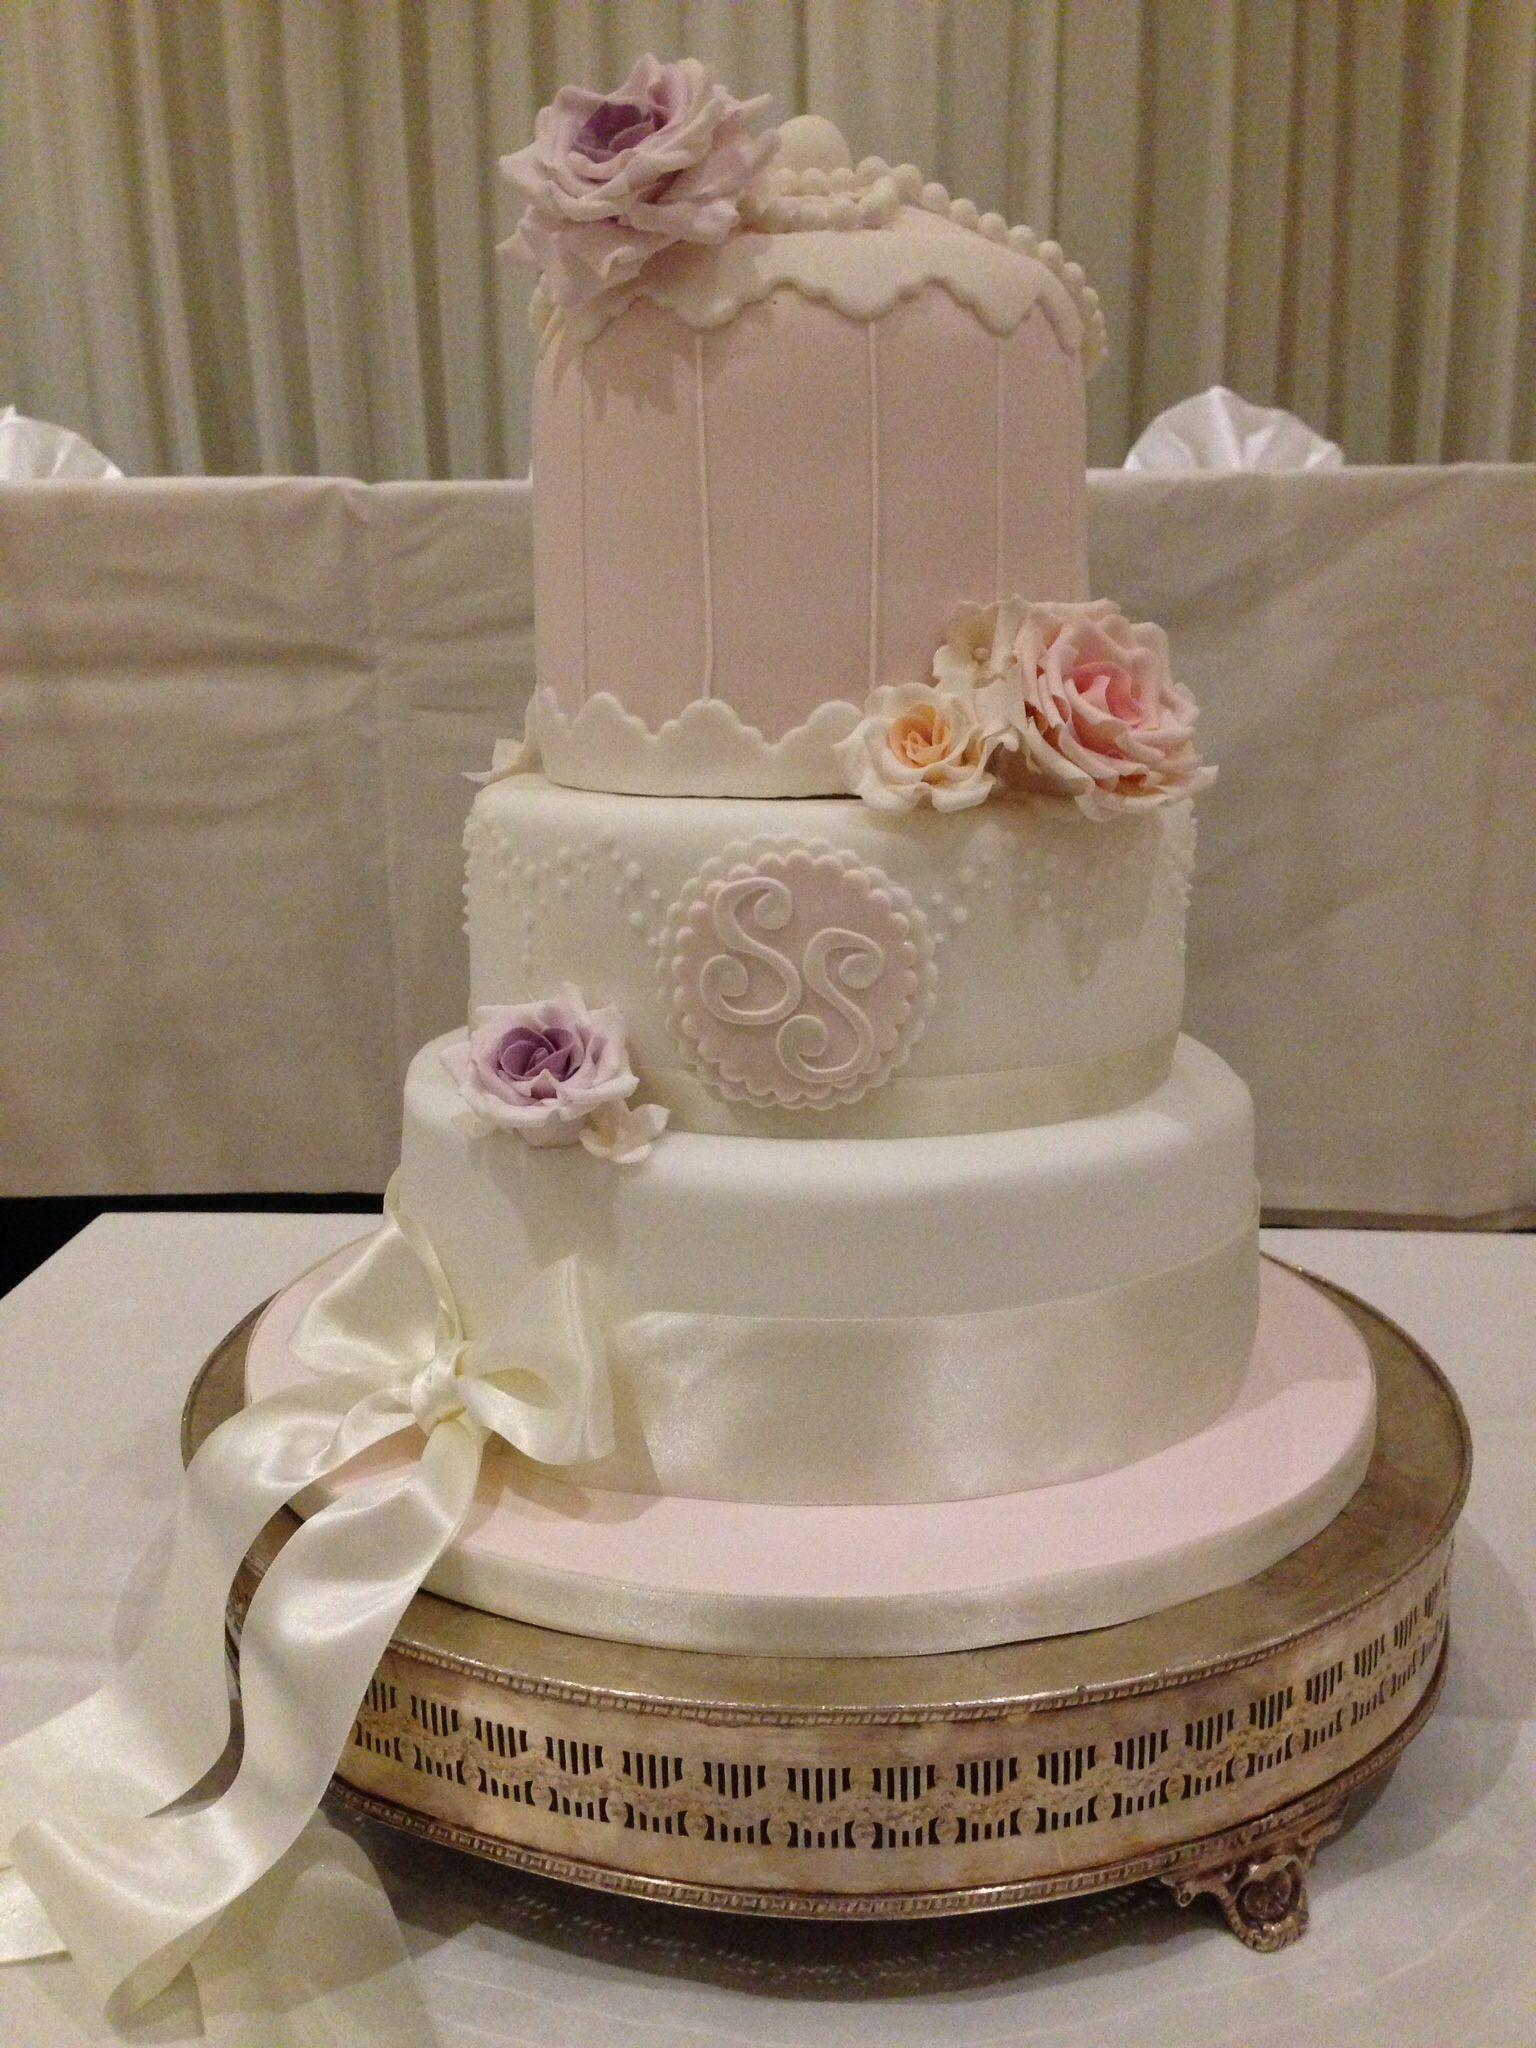 Wedding cakes Northern Ireland Co. Tyrone | Cake, Wedding ...